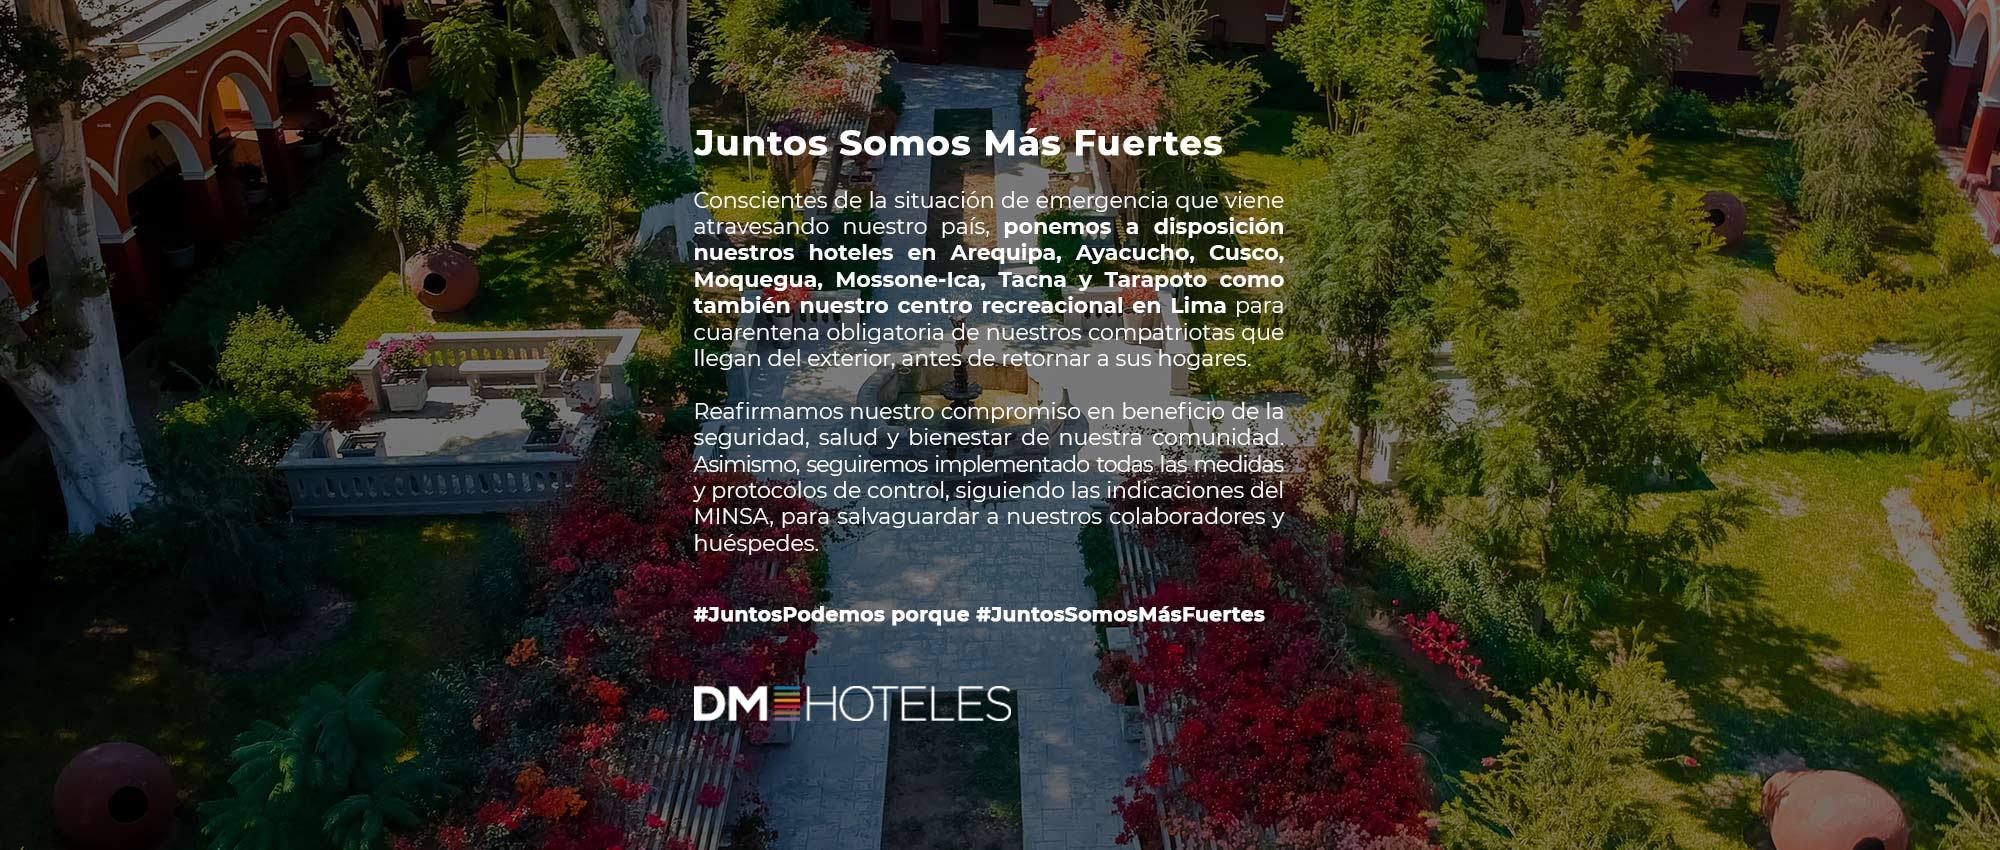 dm-hoteles-peru-banner-web-dm-somos-fuertes